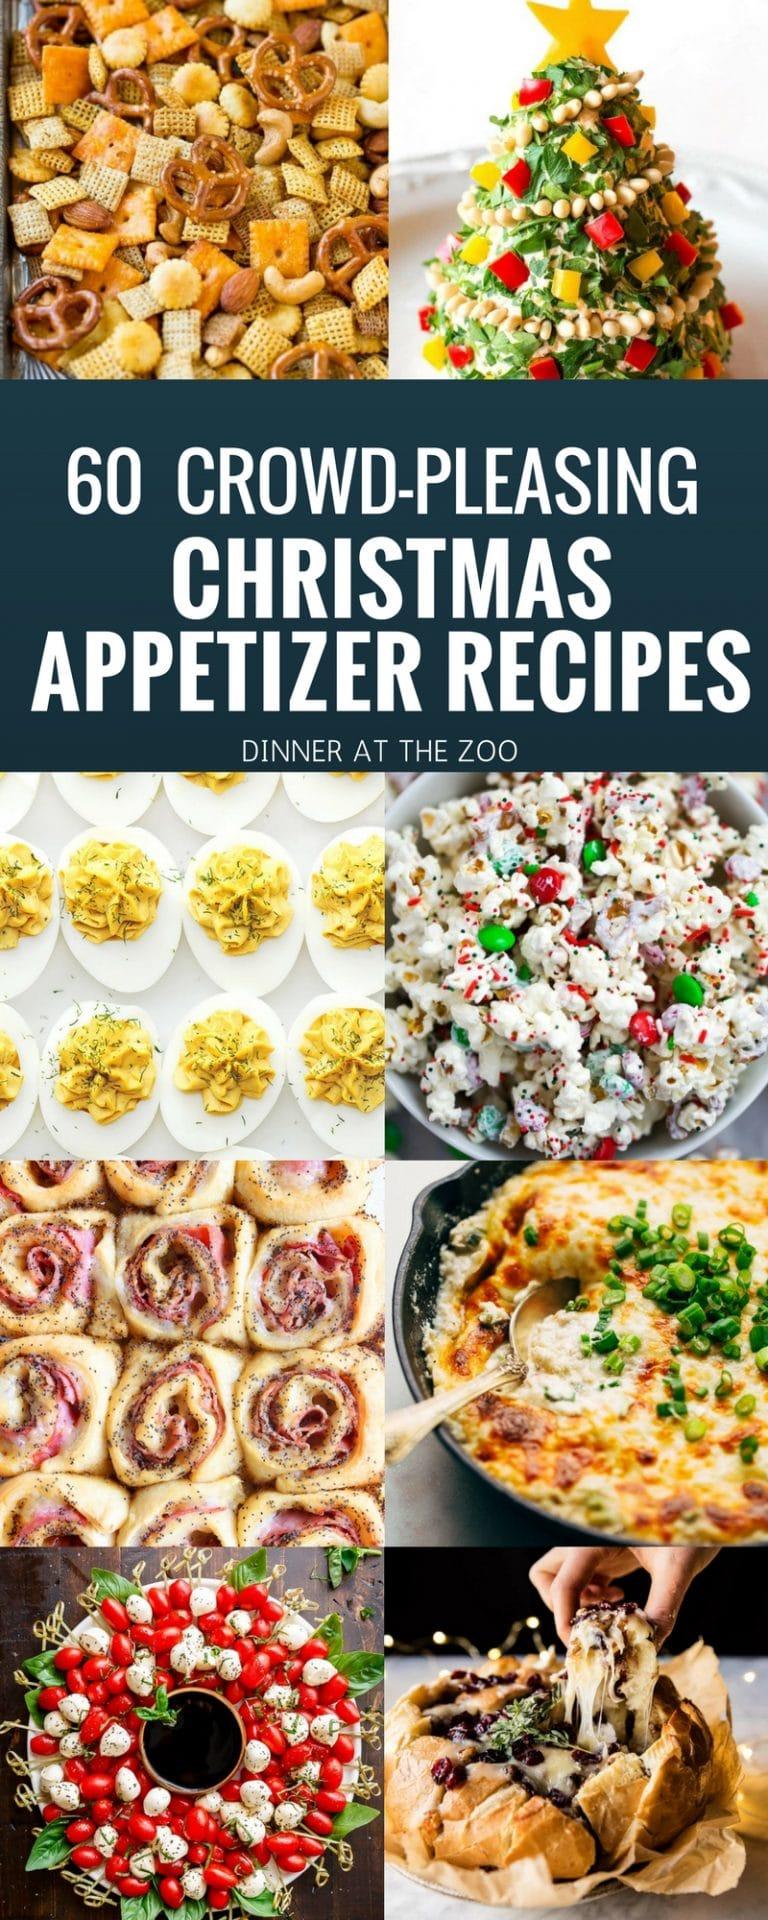 60 recetas para el aperitivo navideño